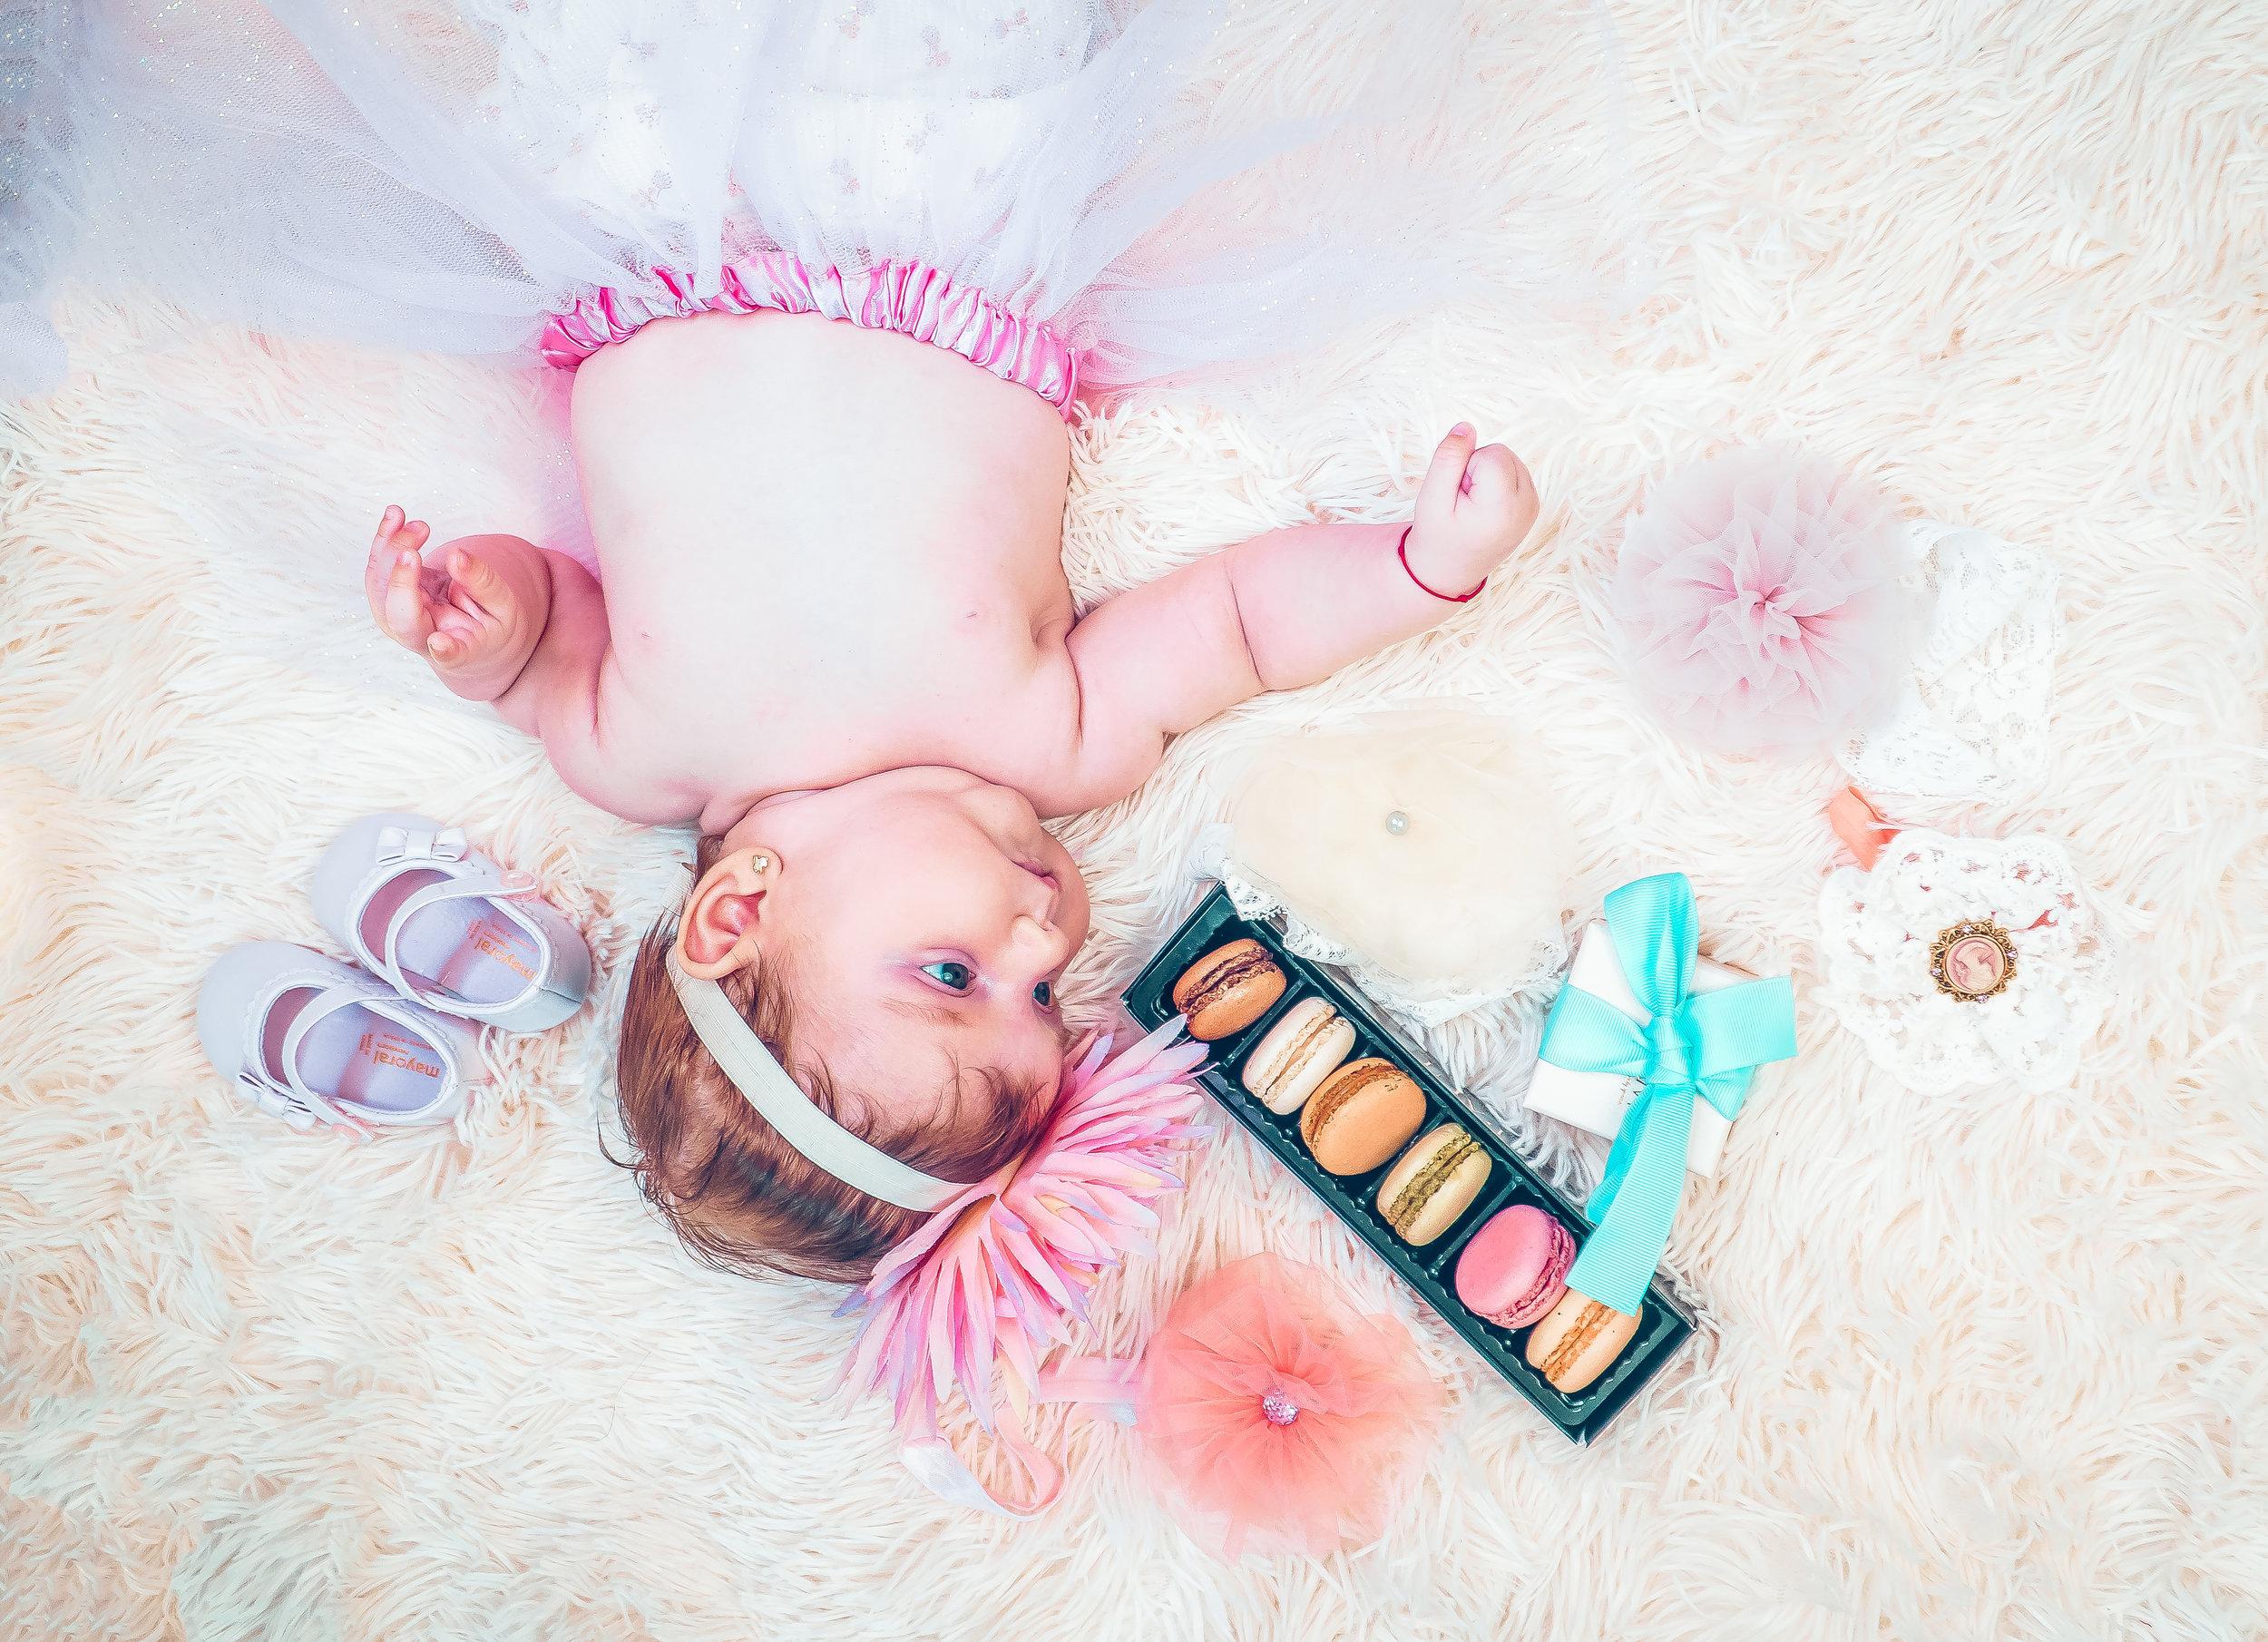 Crina popescu sedinta foto bebe.jpg